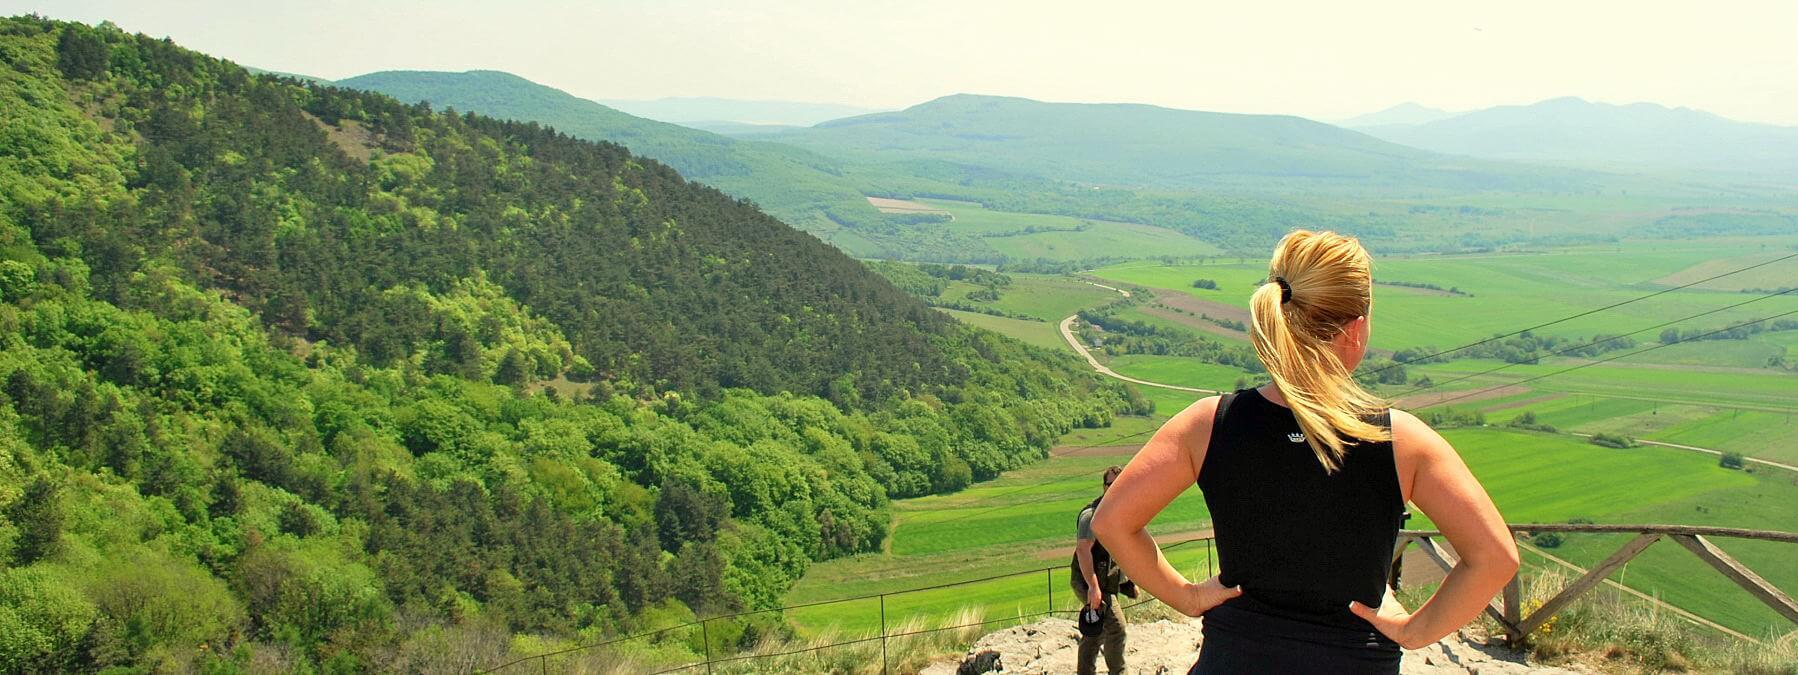 landschap hongarije homepage